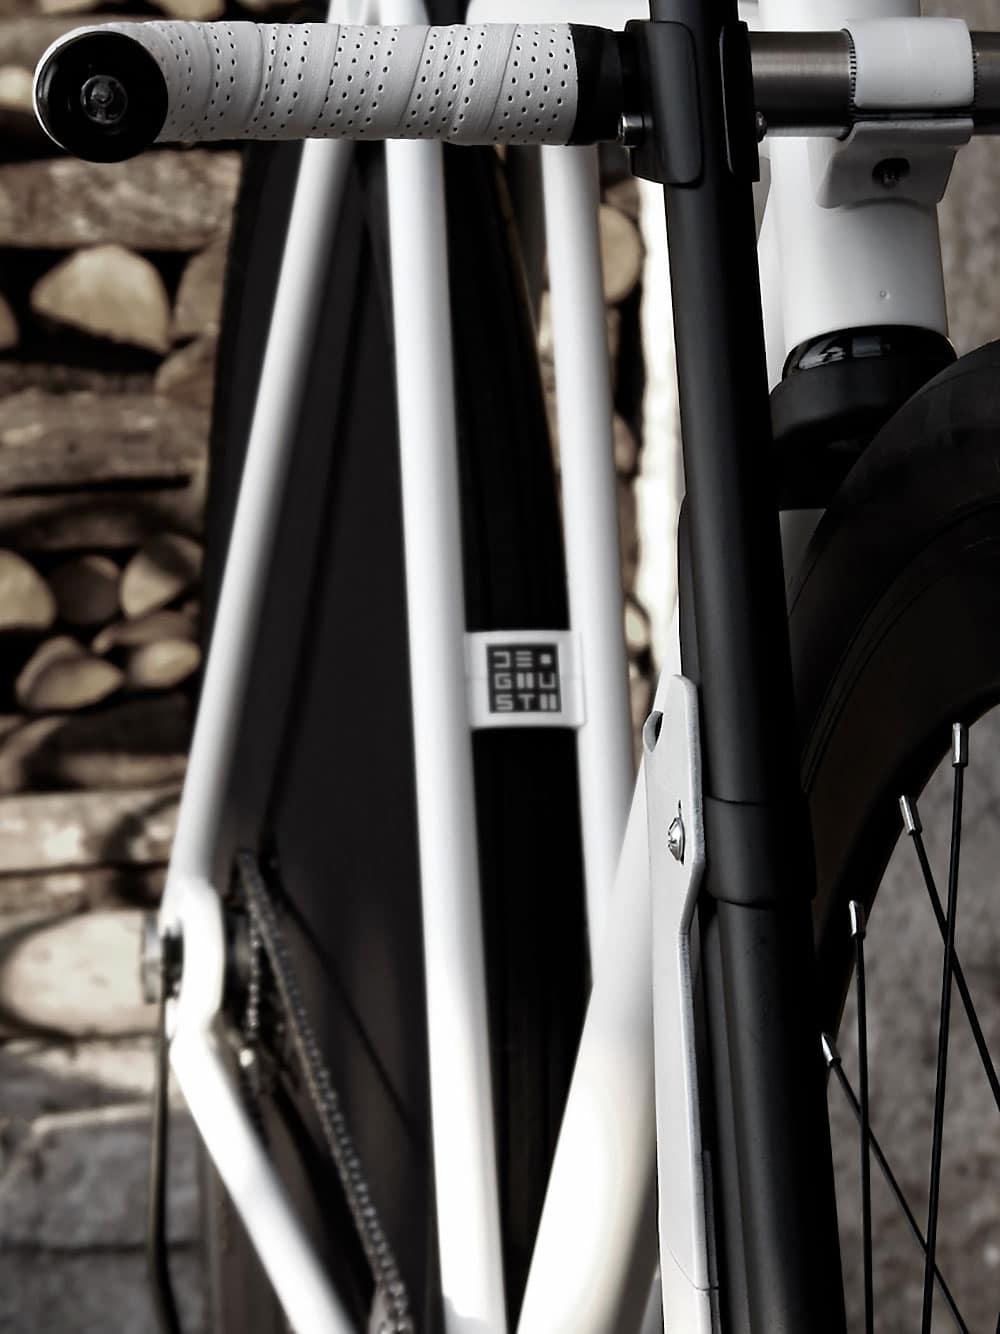 36/28 Postale, un concept de vélo urbain par Paolo De Giusti